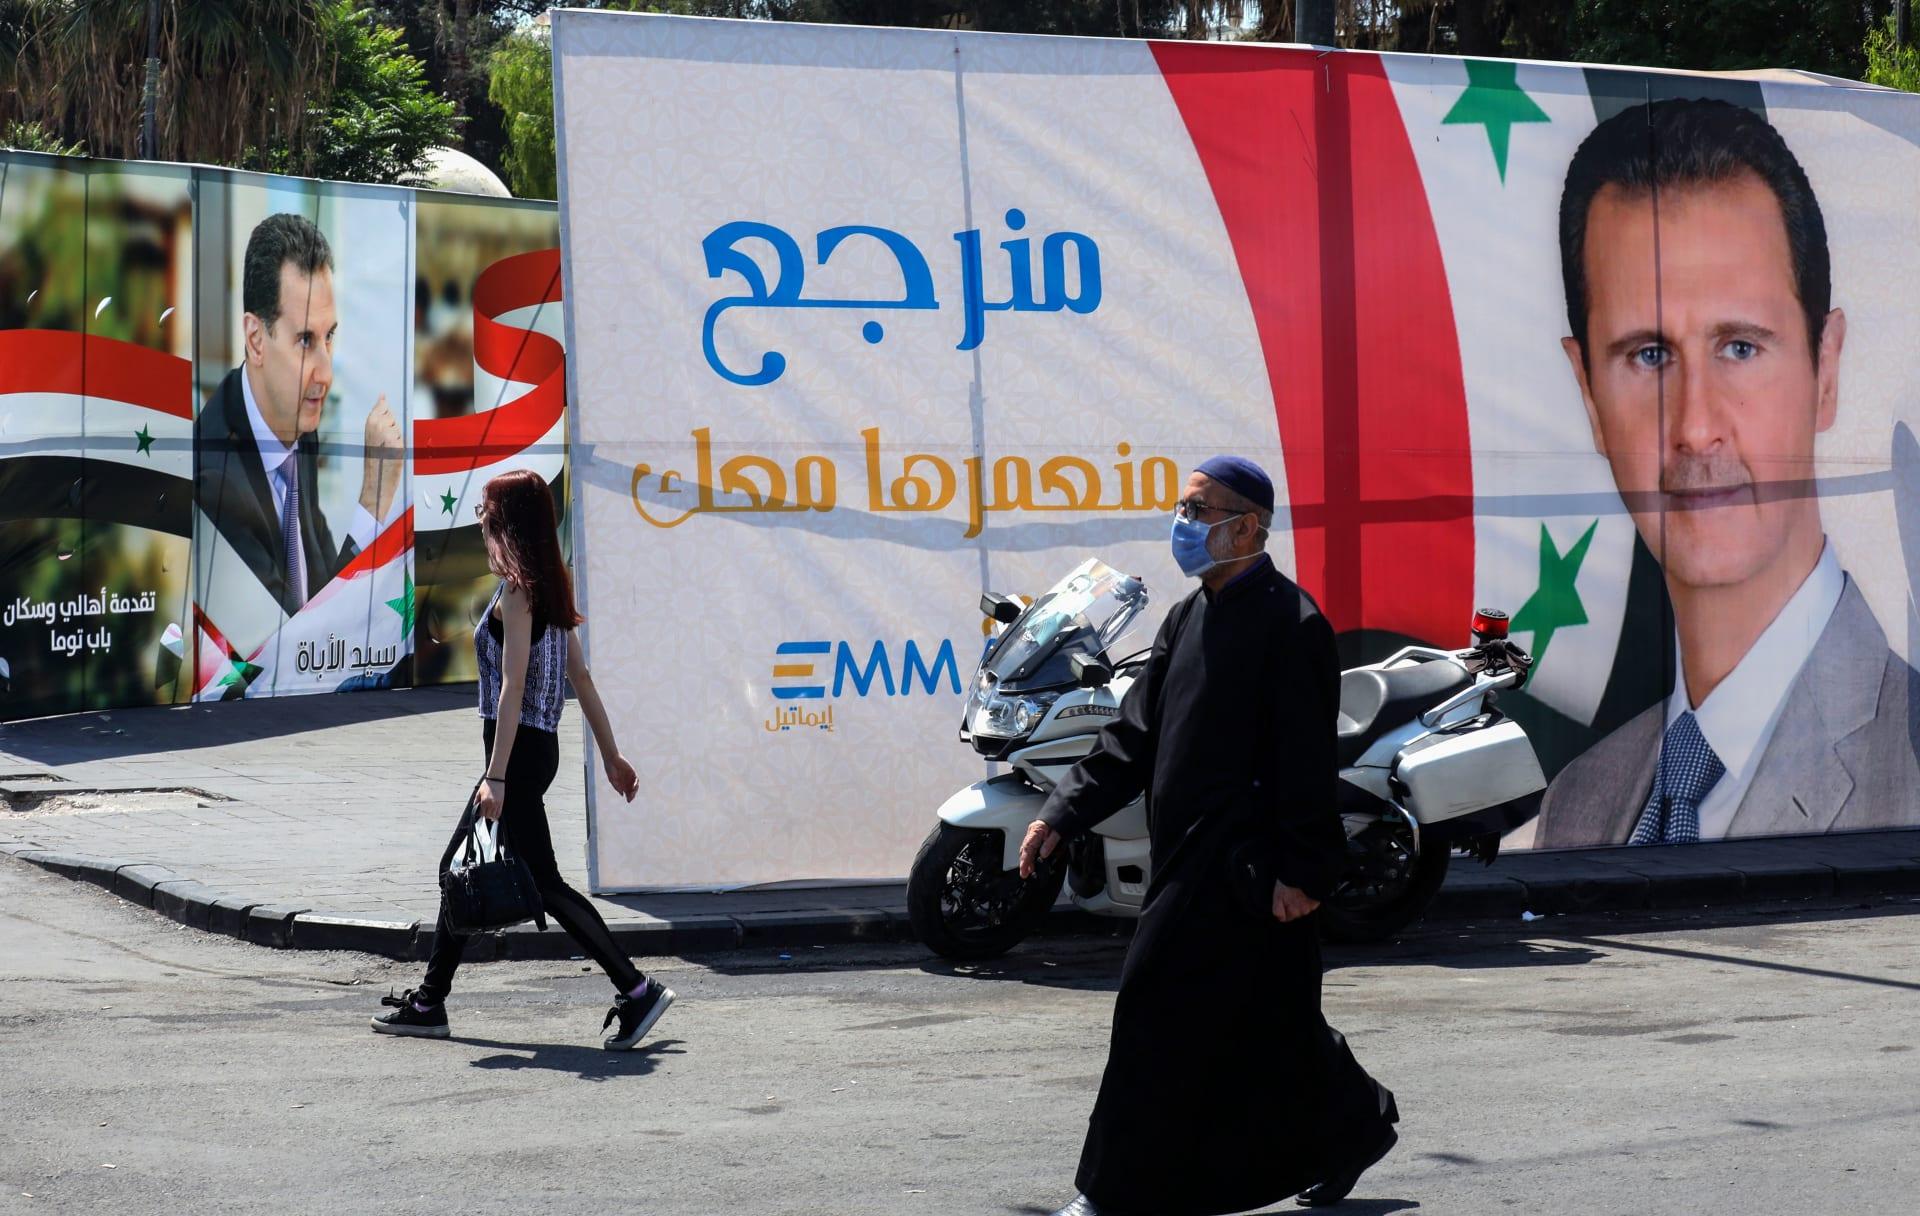 بيان مشترك من أمريكا وبريطانيا وألمانيا وإيطاليا حول الانتخابات الرئاسية السورية: محاولة لإعادة شرعية النظام